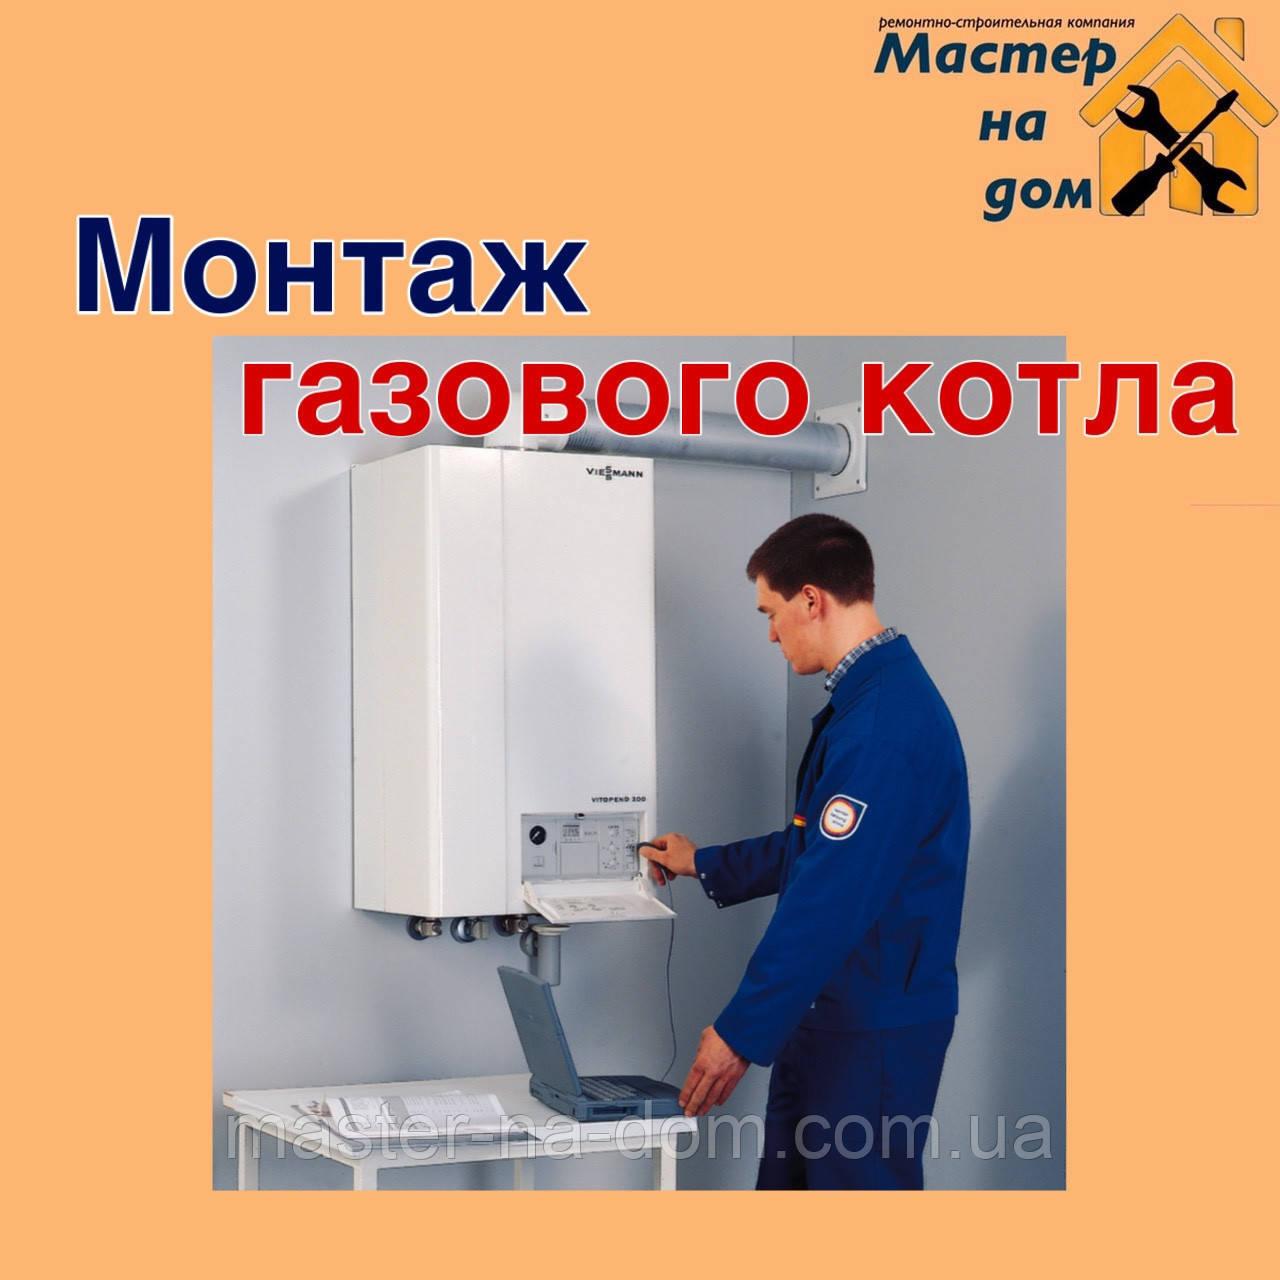 Монтаж газового котла, колонки в Ужгороді